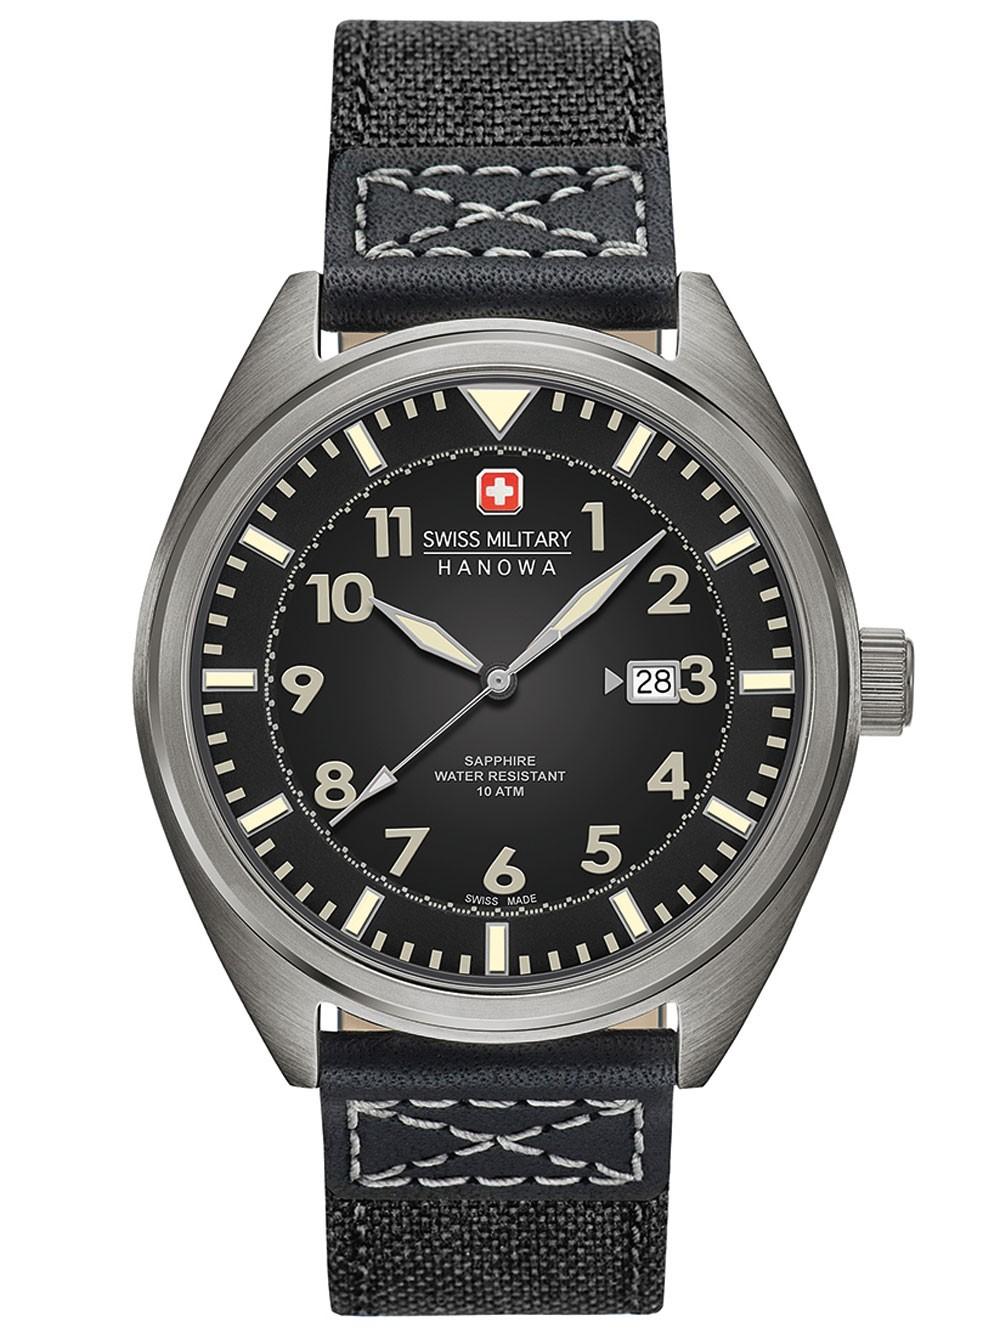 Swiss Military Hanowa 6-4258.30.007 Airborne Herren 10ATM 43mm